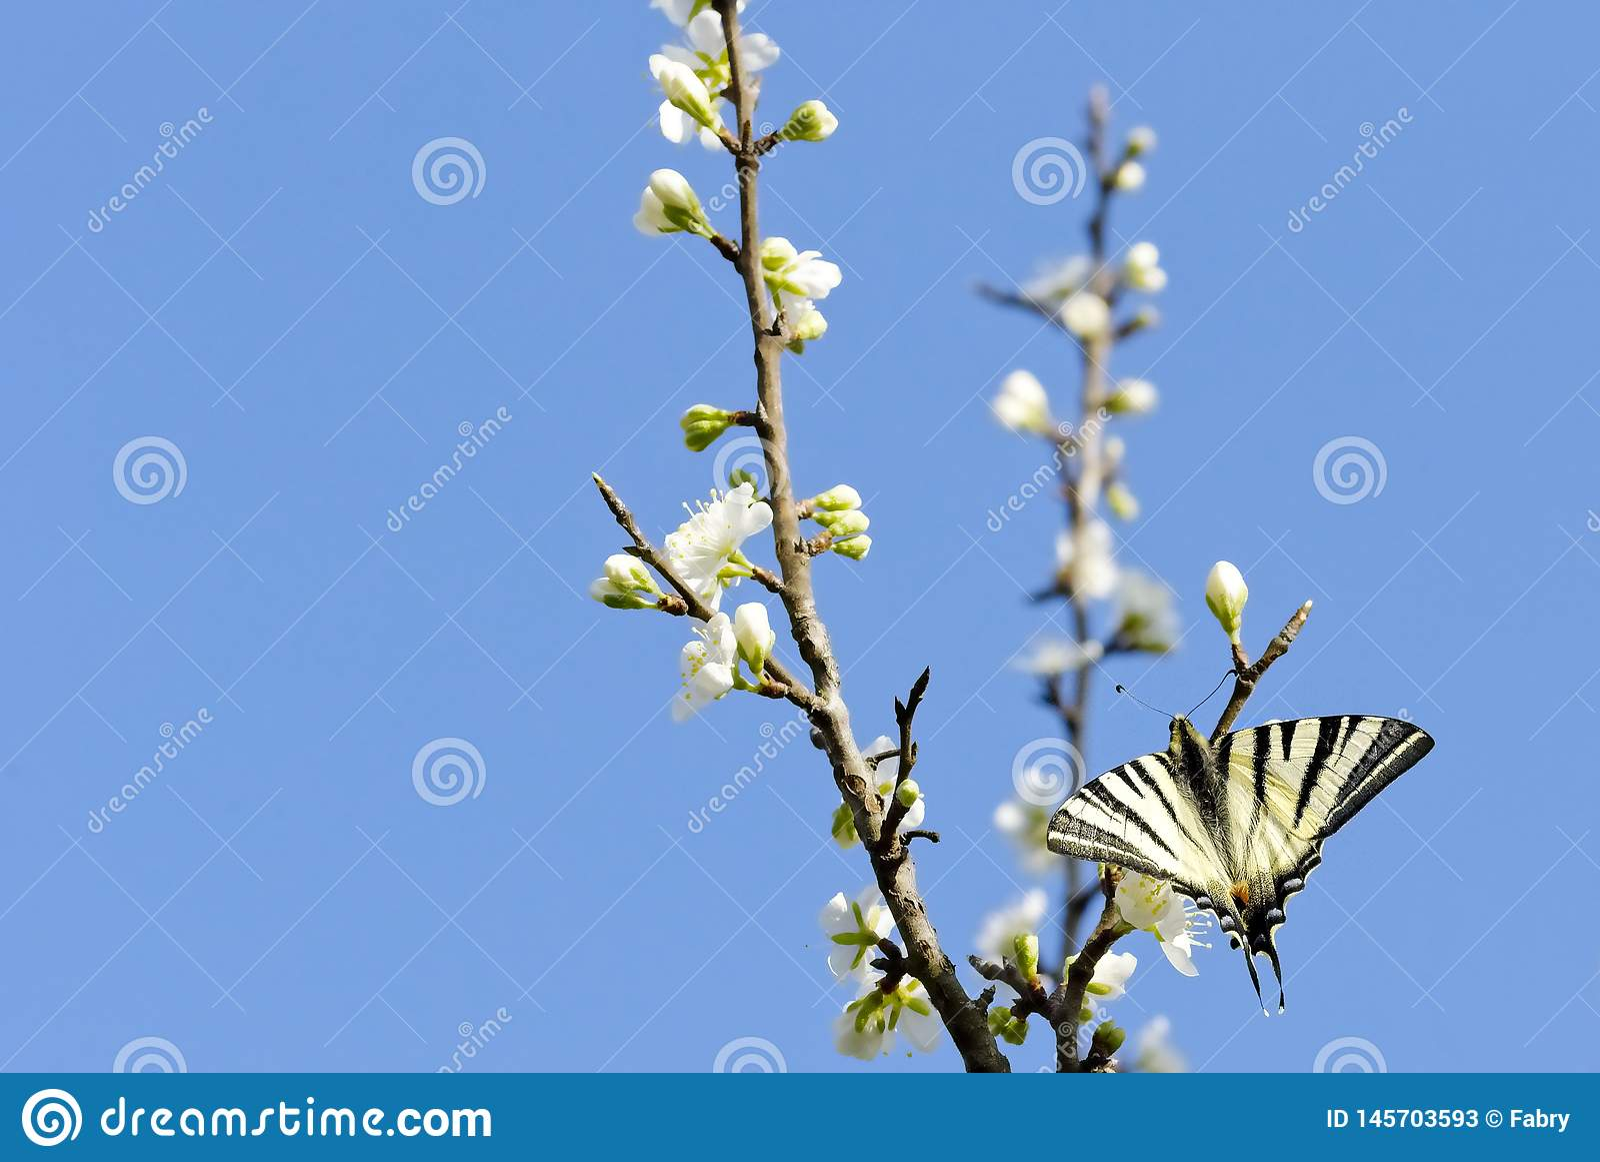 Fjäril på ett blommande träd